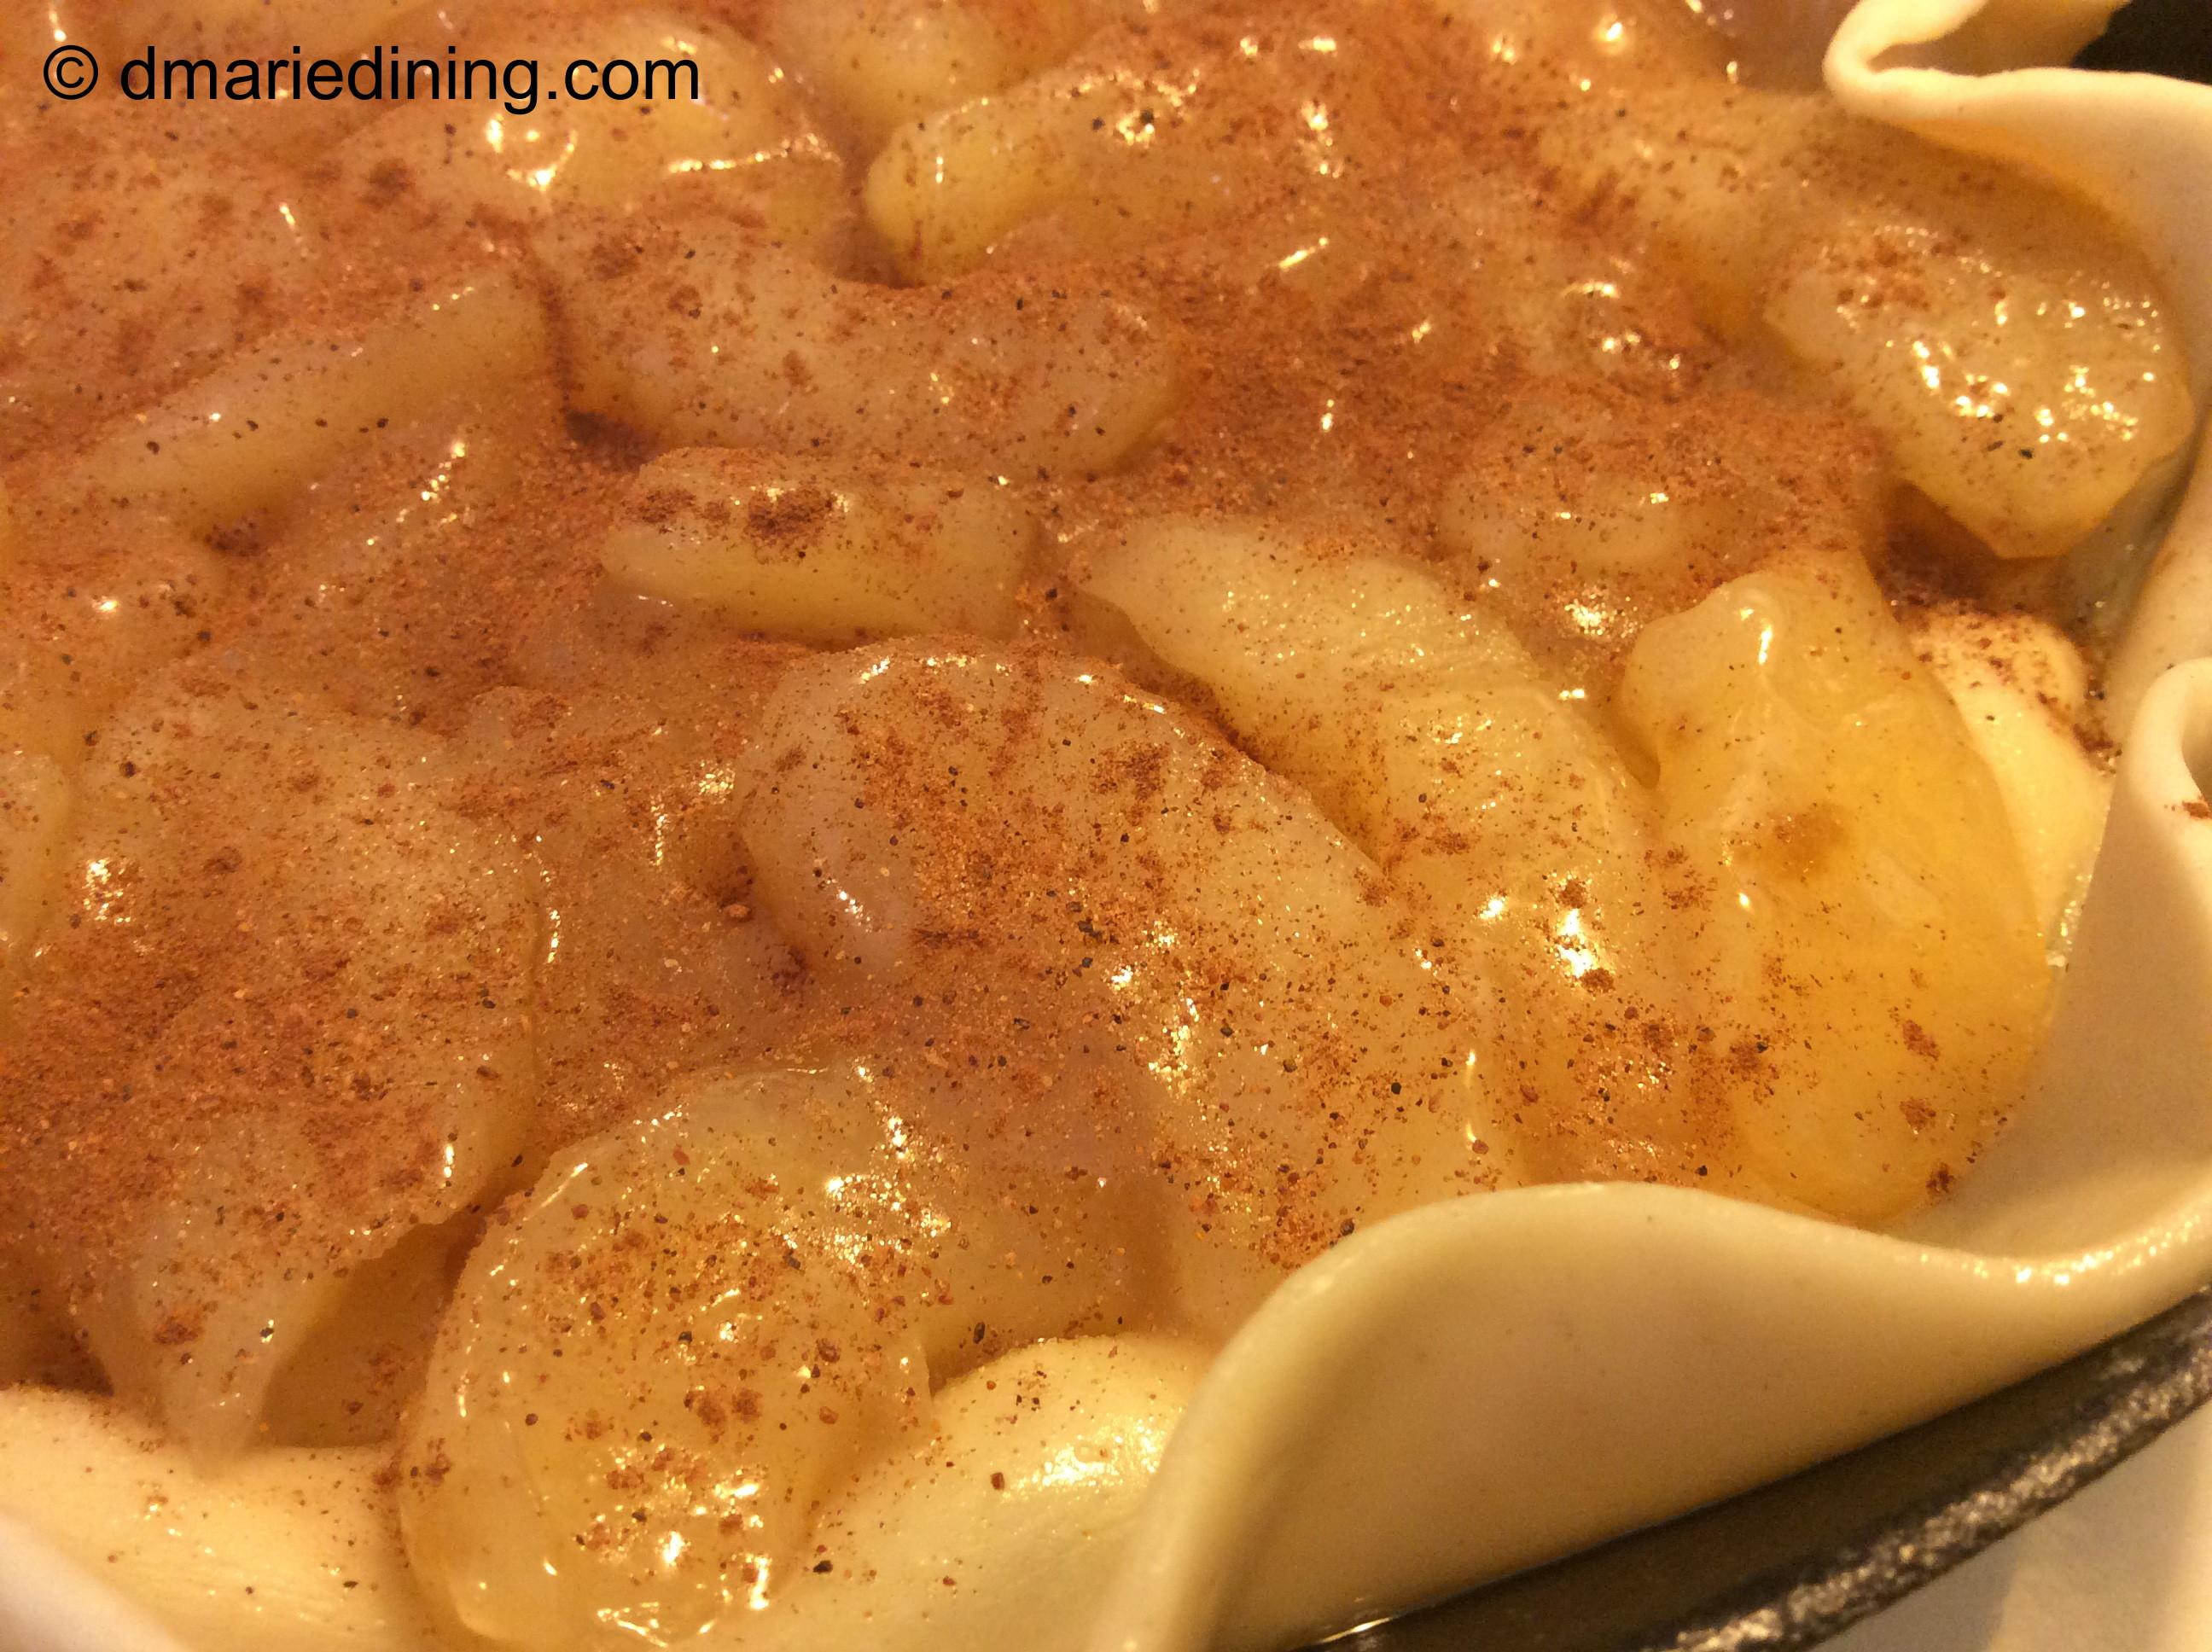 Trisha Yearwood Skillet Apple Pie  Skillet Apple Pie Adapted from Trisha Yearwood's recipe